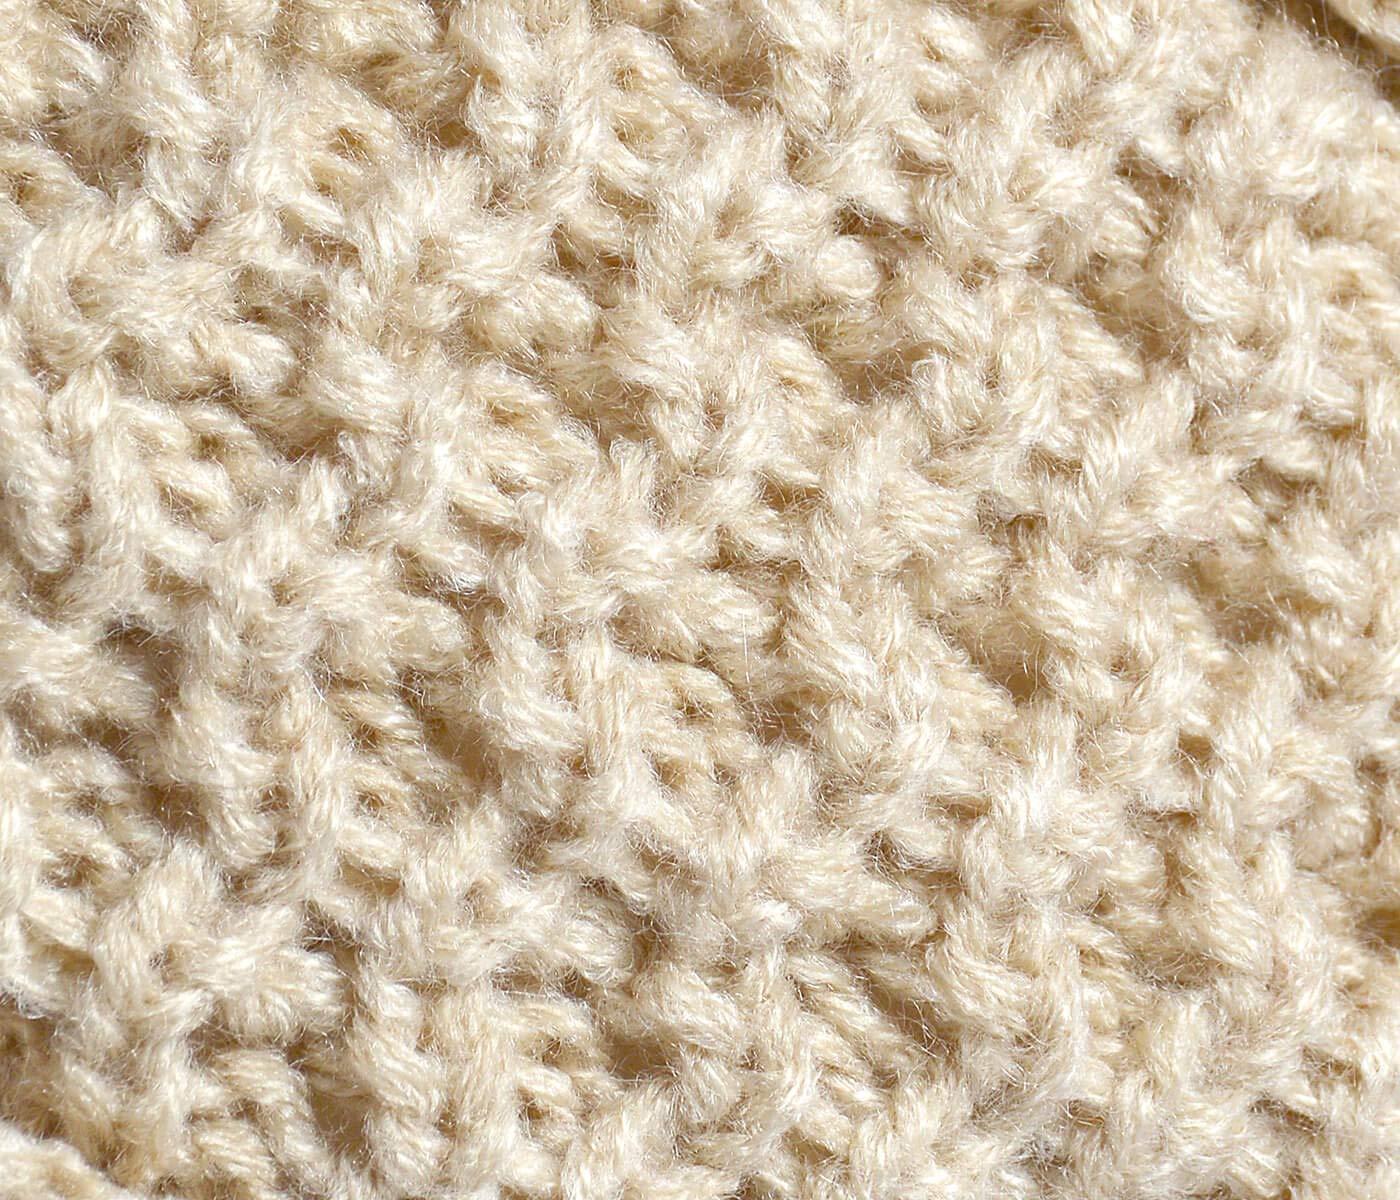 schwarz Stirnband f/ür Damen Winter Glitzer Ohrenw/ärmer Haarband Glitter Winter Retro M/ädchen Kopfband Geflochten Kinder Ohrensch/ützer Vintage